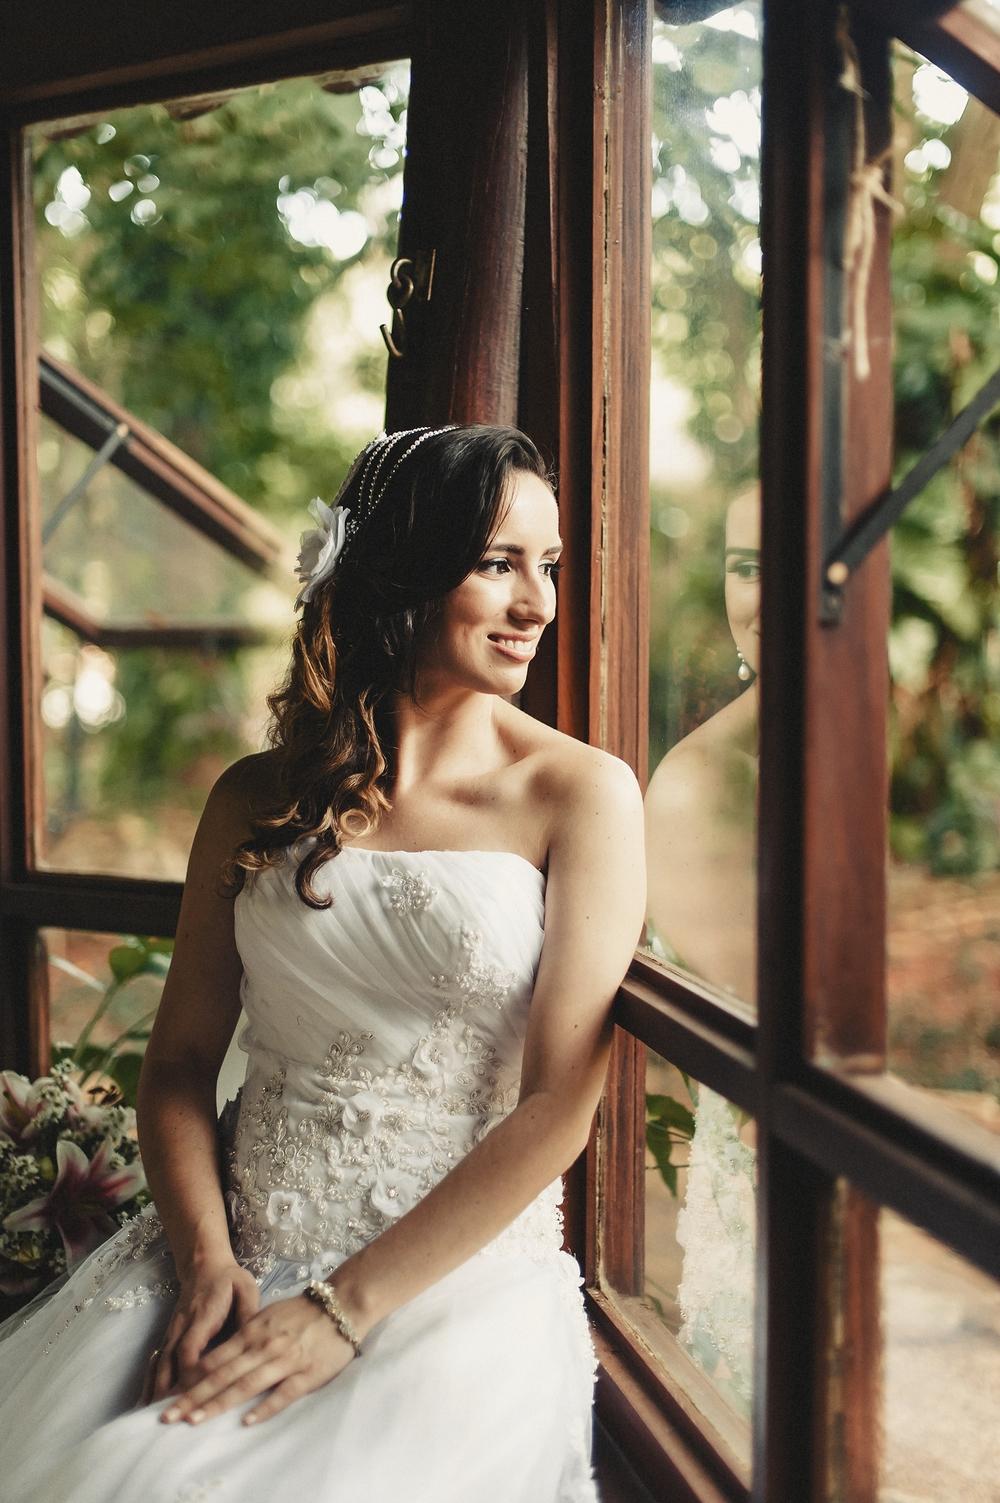 Sessao noiva-228-filme.jpg